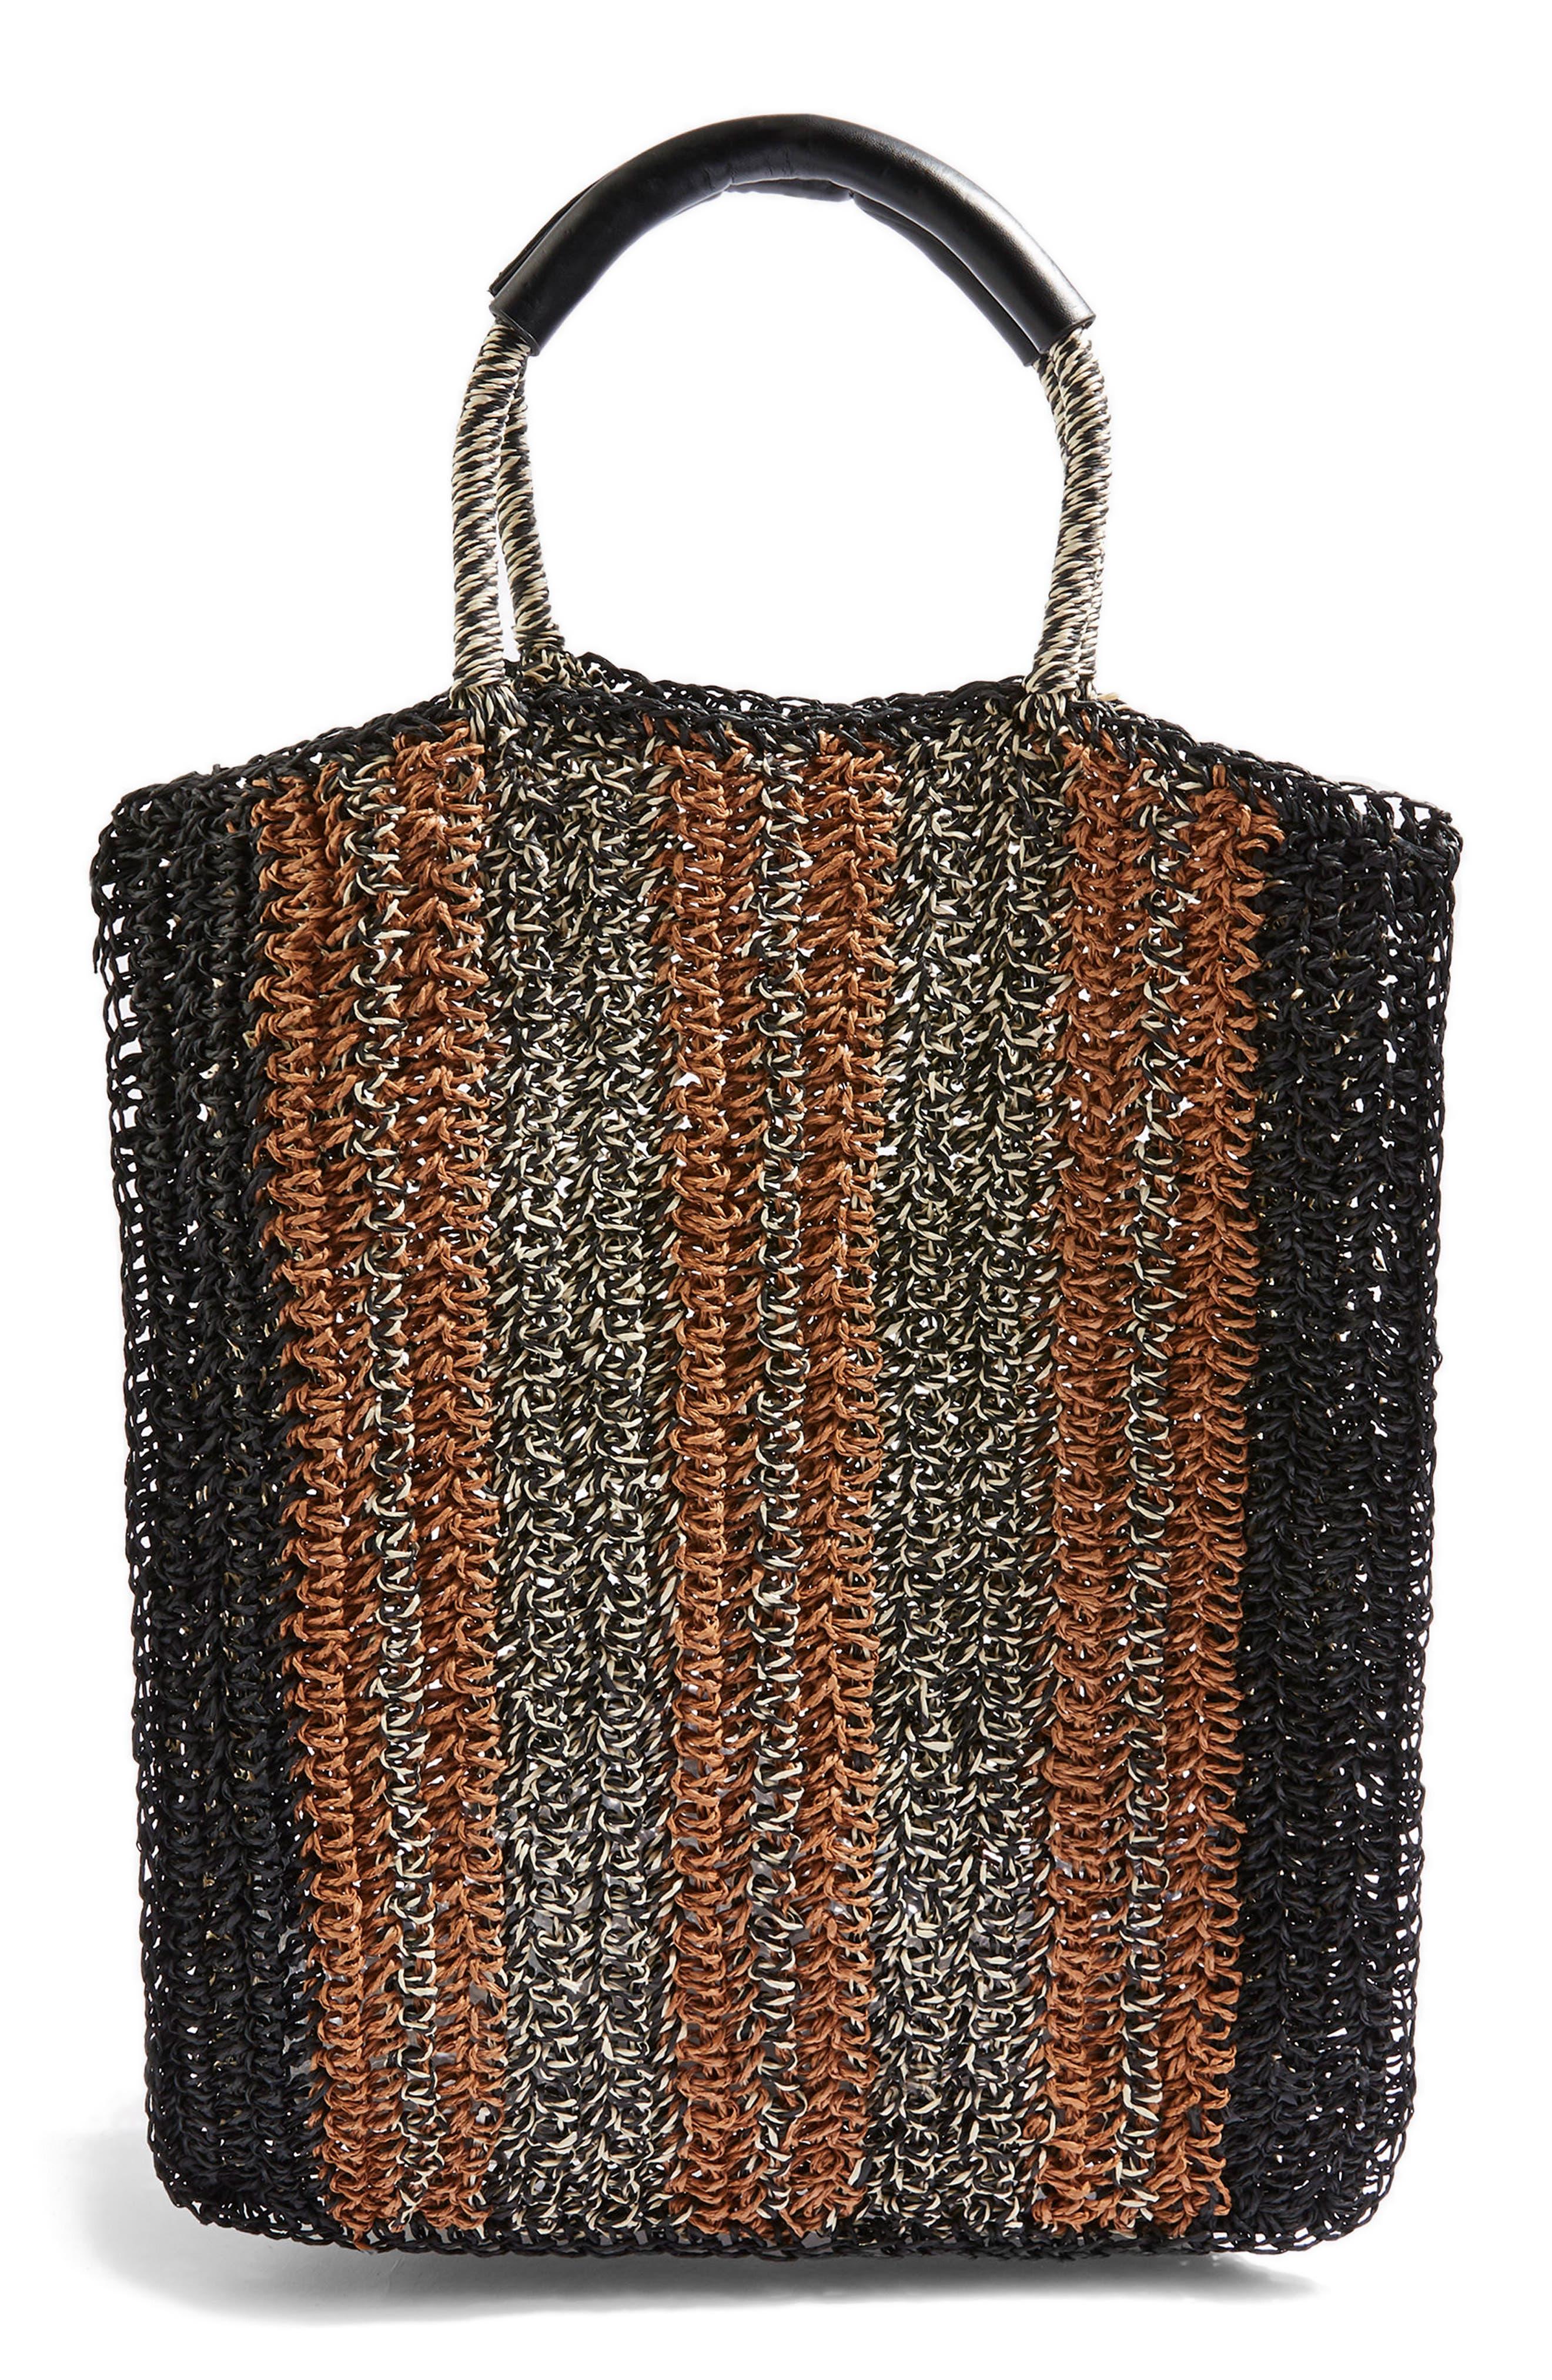 Bath Stripe Straw Tote Bag,                         Main,                         color, Black Multi